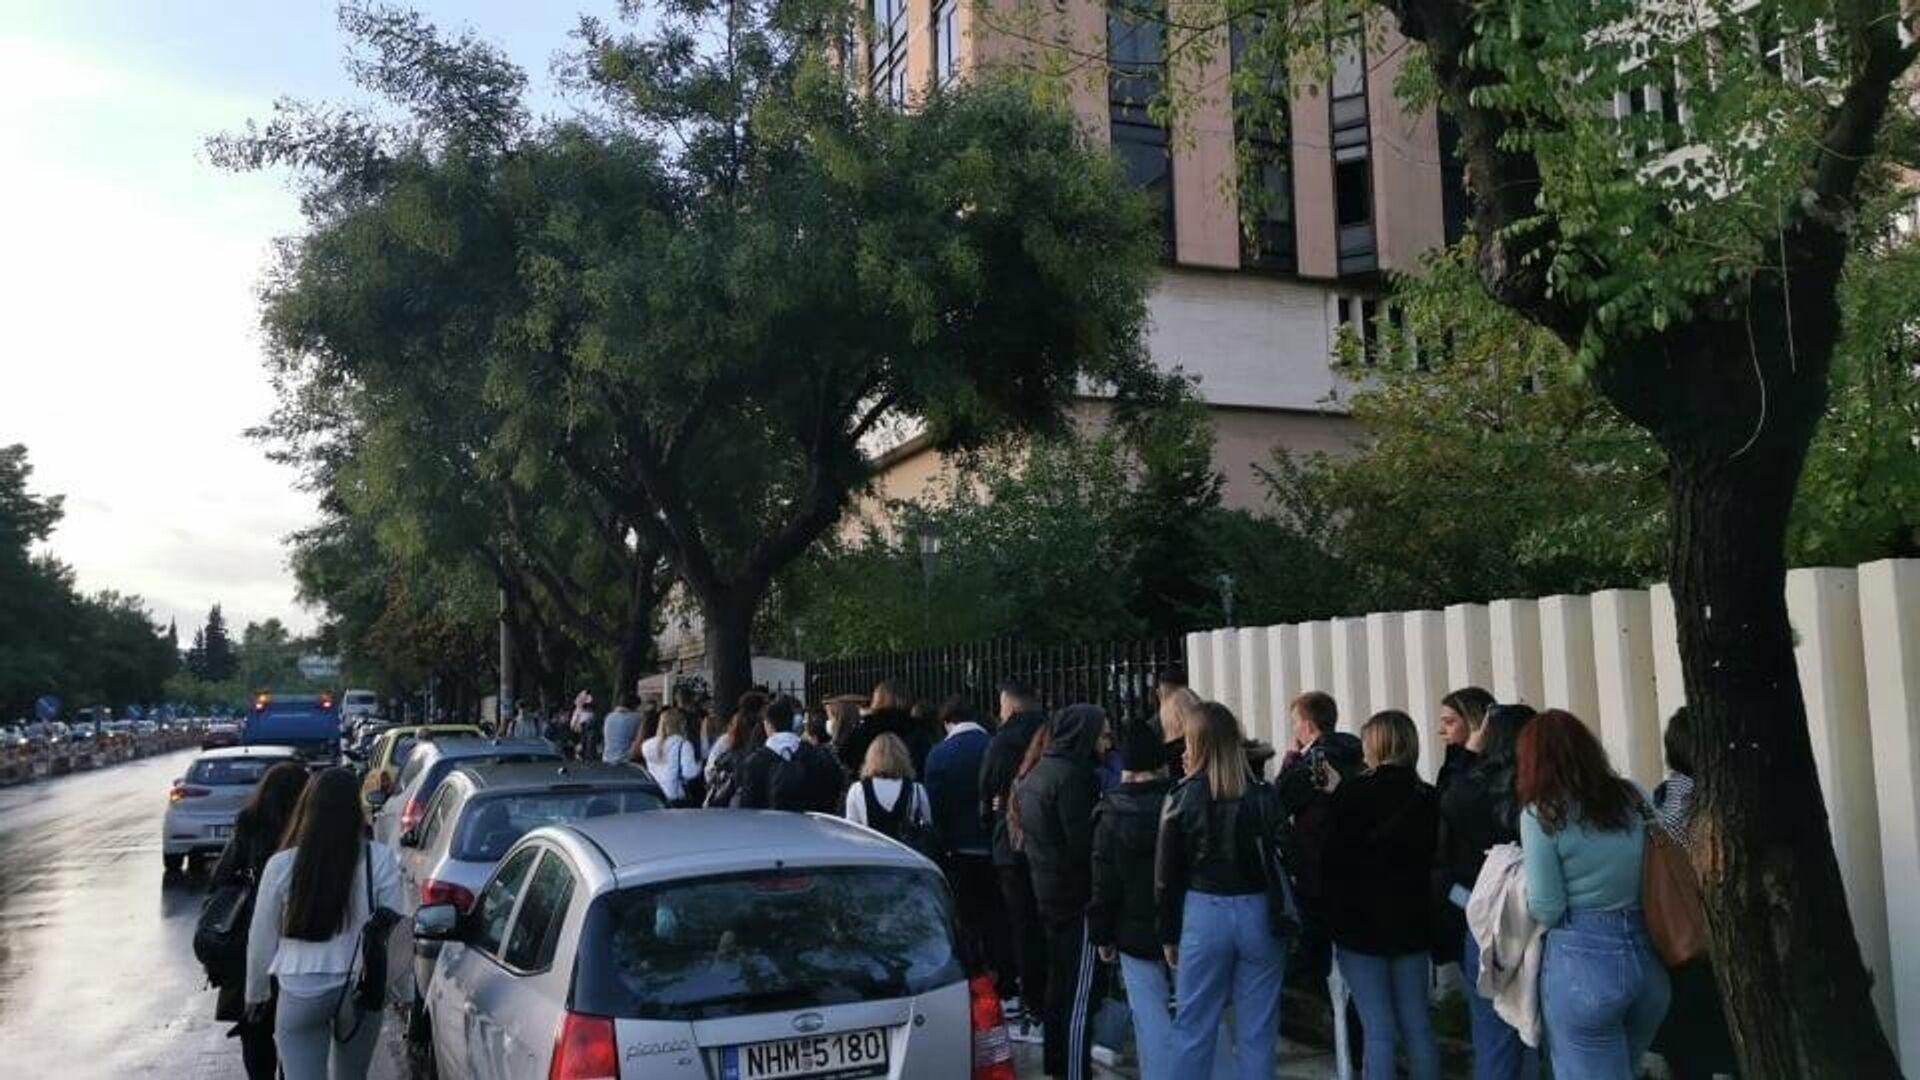 Θεσσαλονίκη: Ουρά φοιτητών για την επιστροφή στα αμφιθέατρα  - Sputnik Ελλάδα, 1920, 11.10.2021